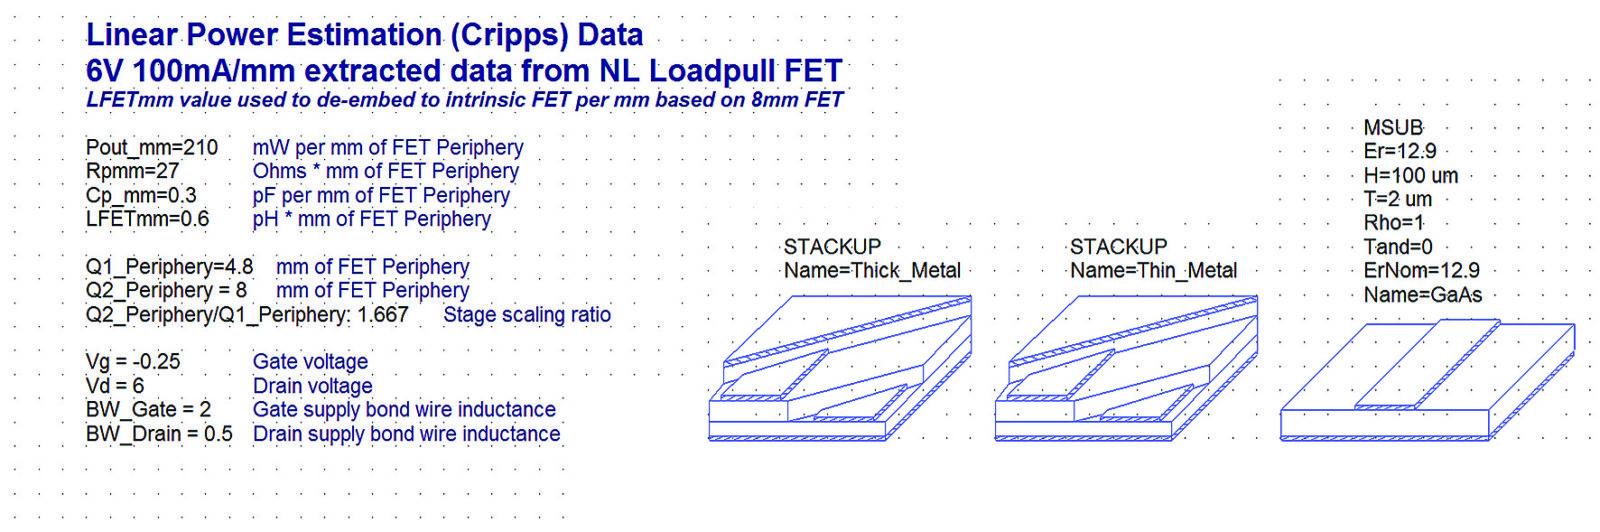 Параметры техпроцесса импортированной МИС усилителя мощности